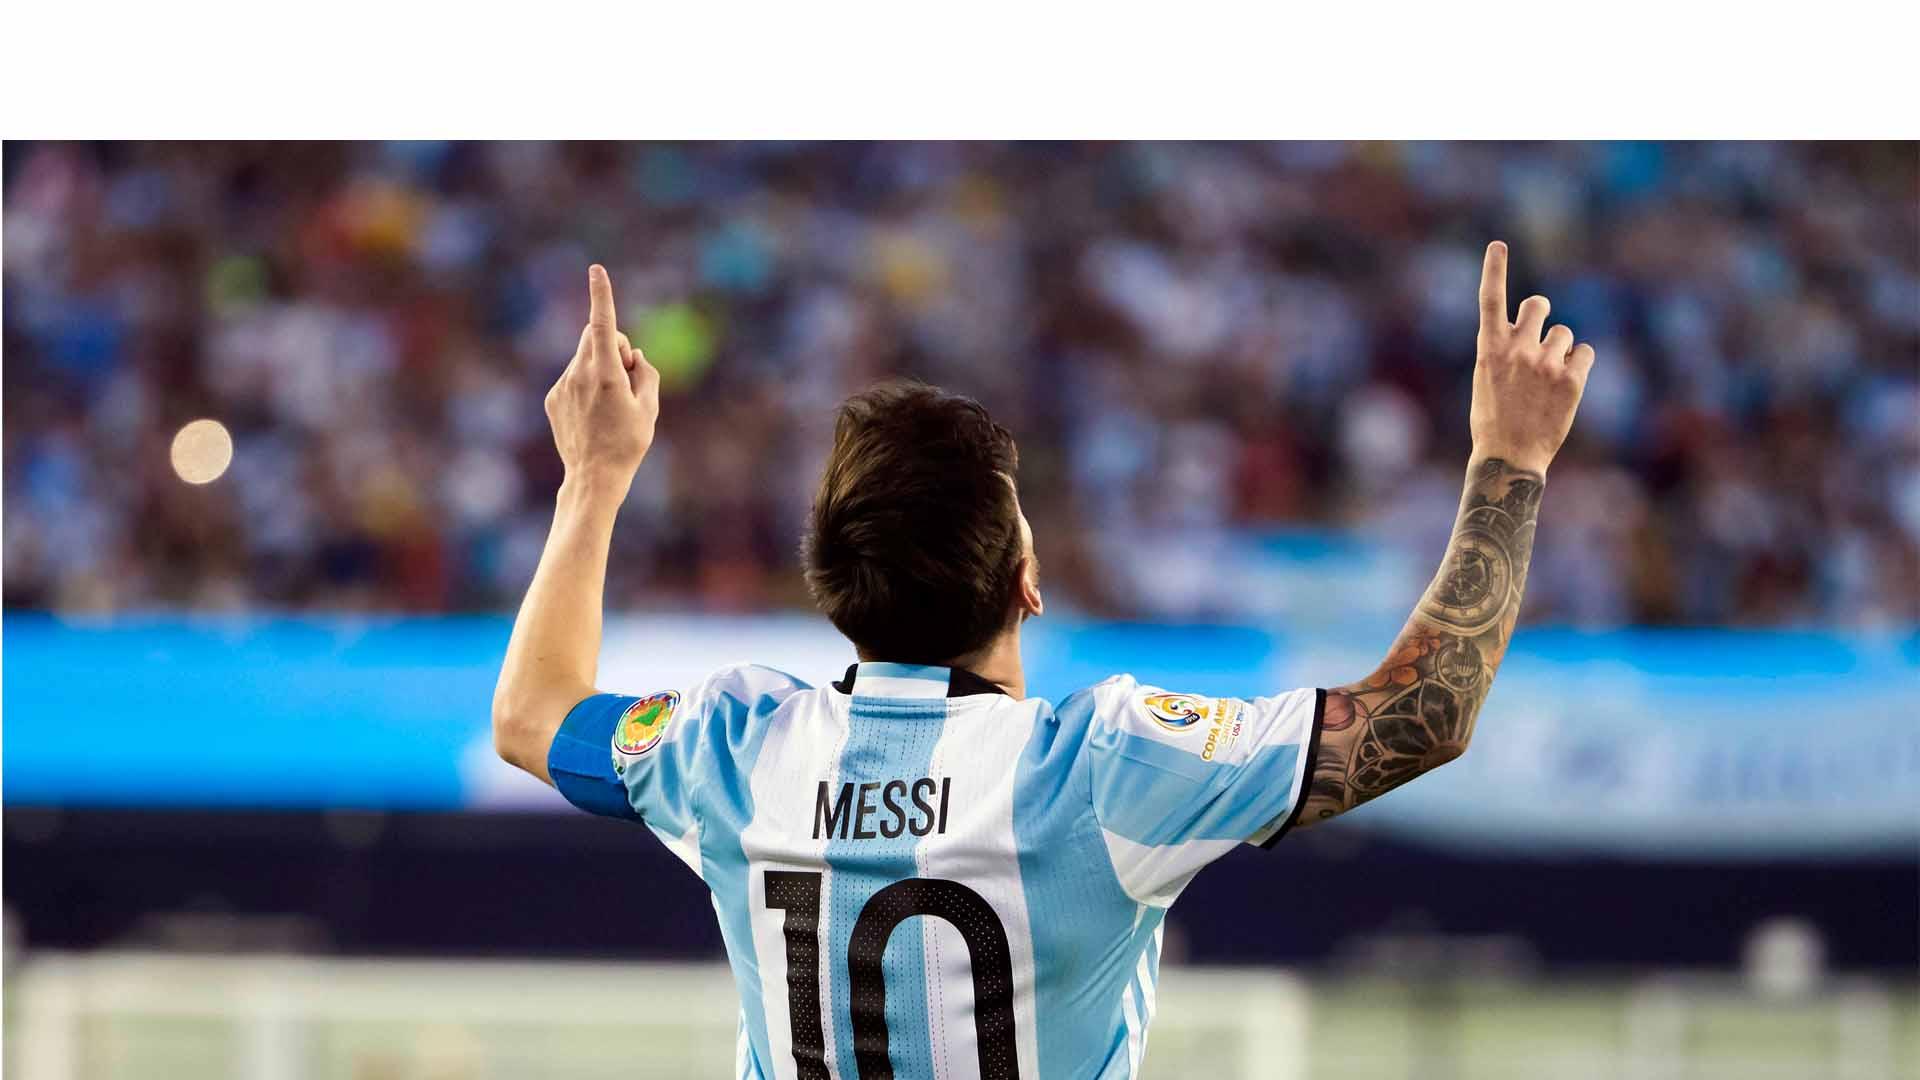 El llamado mejor jugador del mundo decidió dar un paso al costado en su selección nacional, instando al reajuste numérico y estratégico de la albiceleste